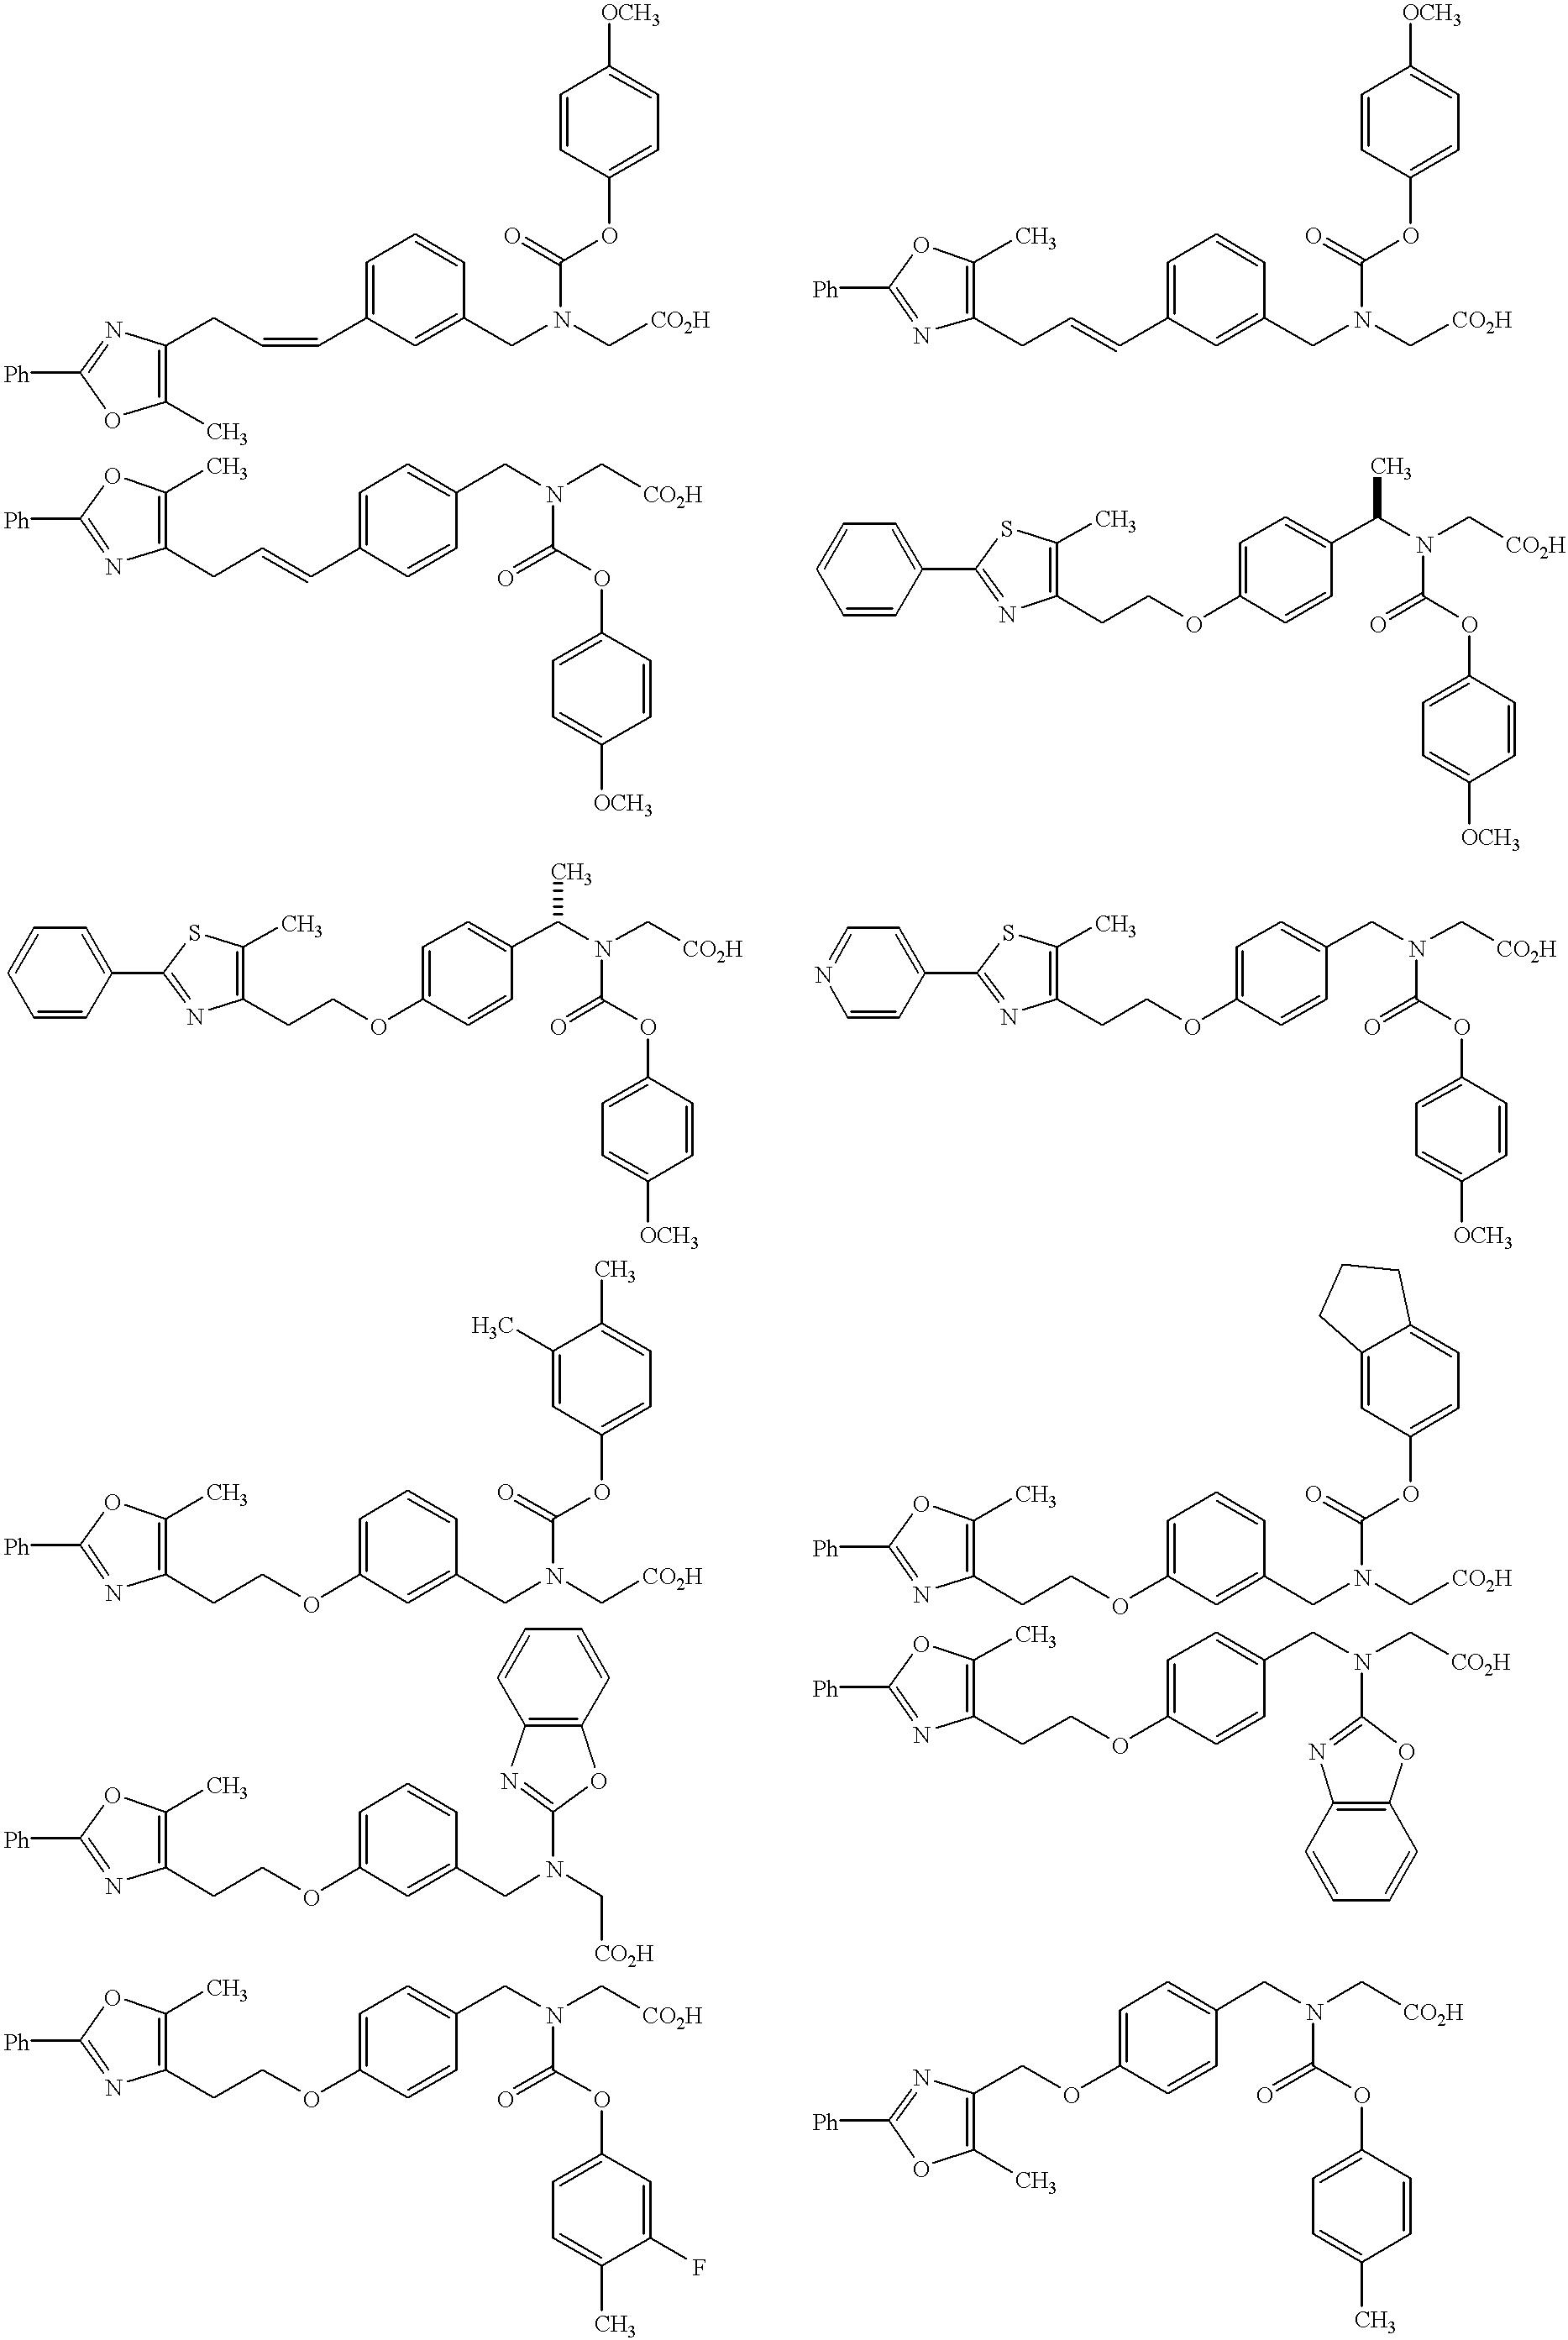 Figure US06414002-20020702-C00014